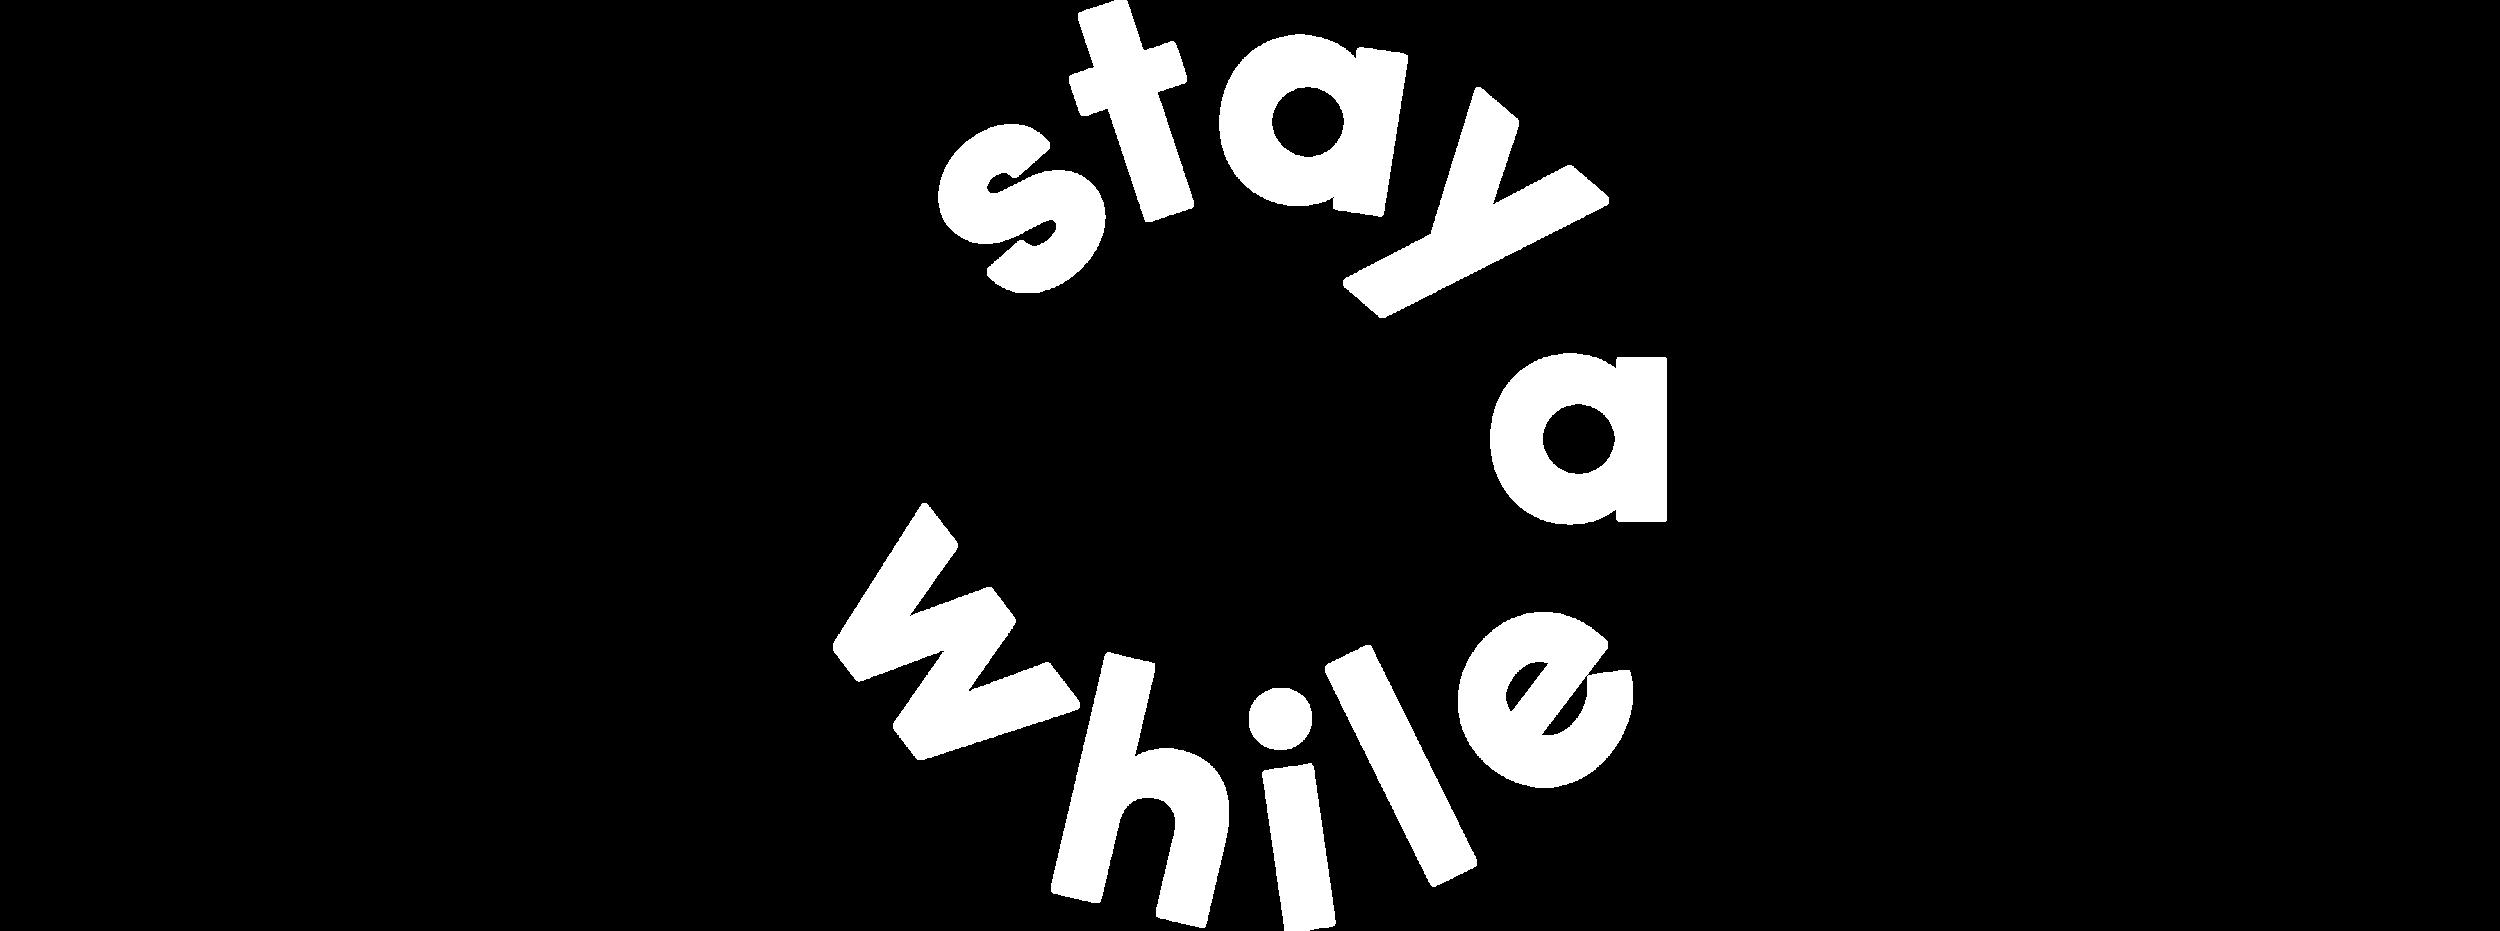 TertiaryLogo_StayAWhile_white.png